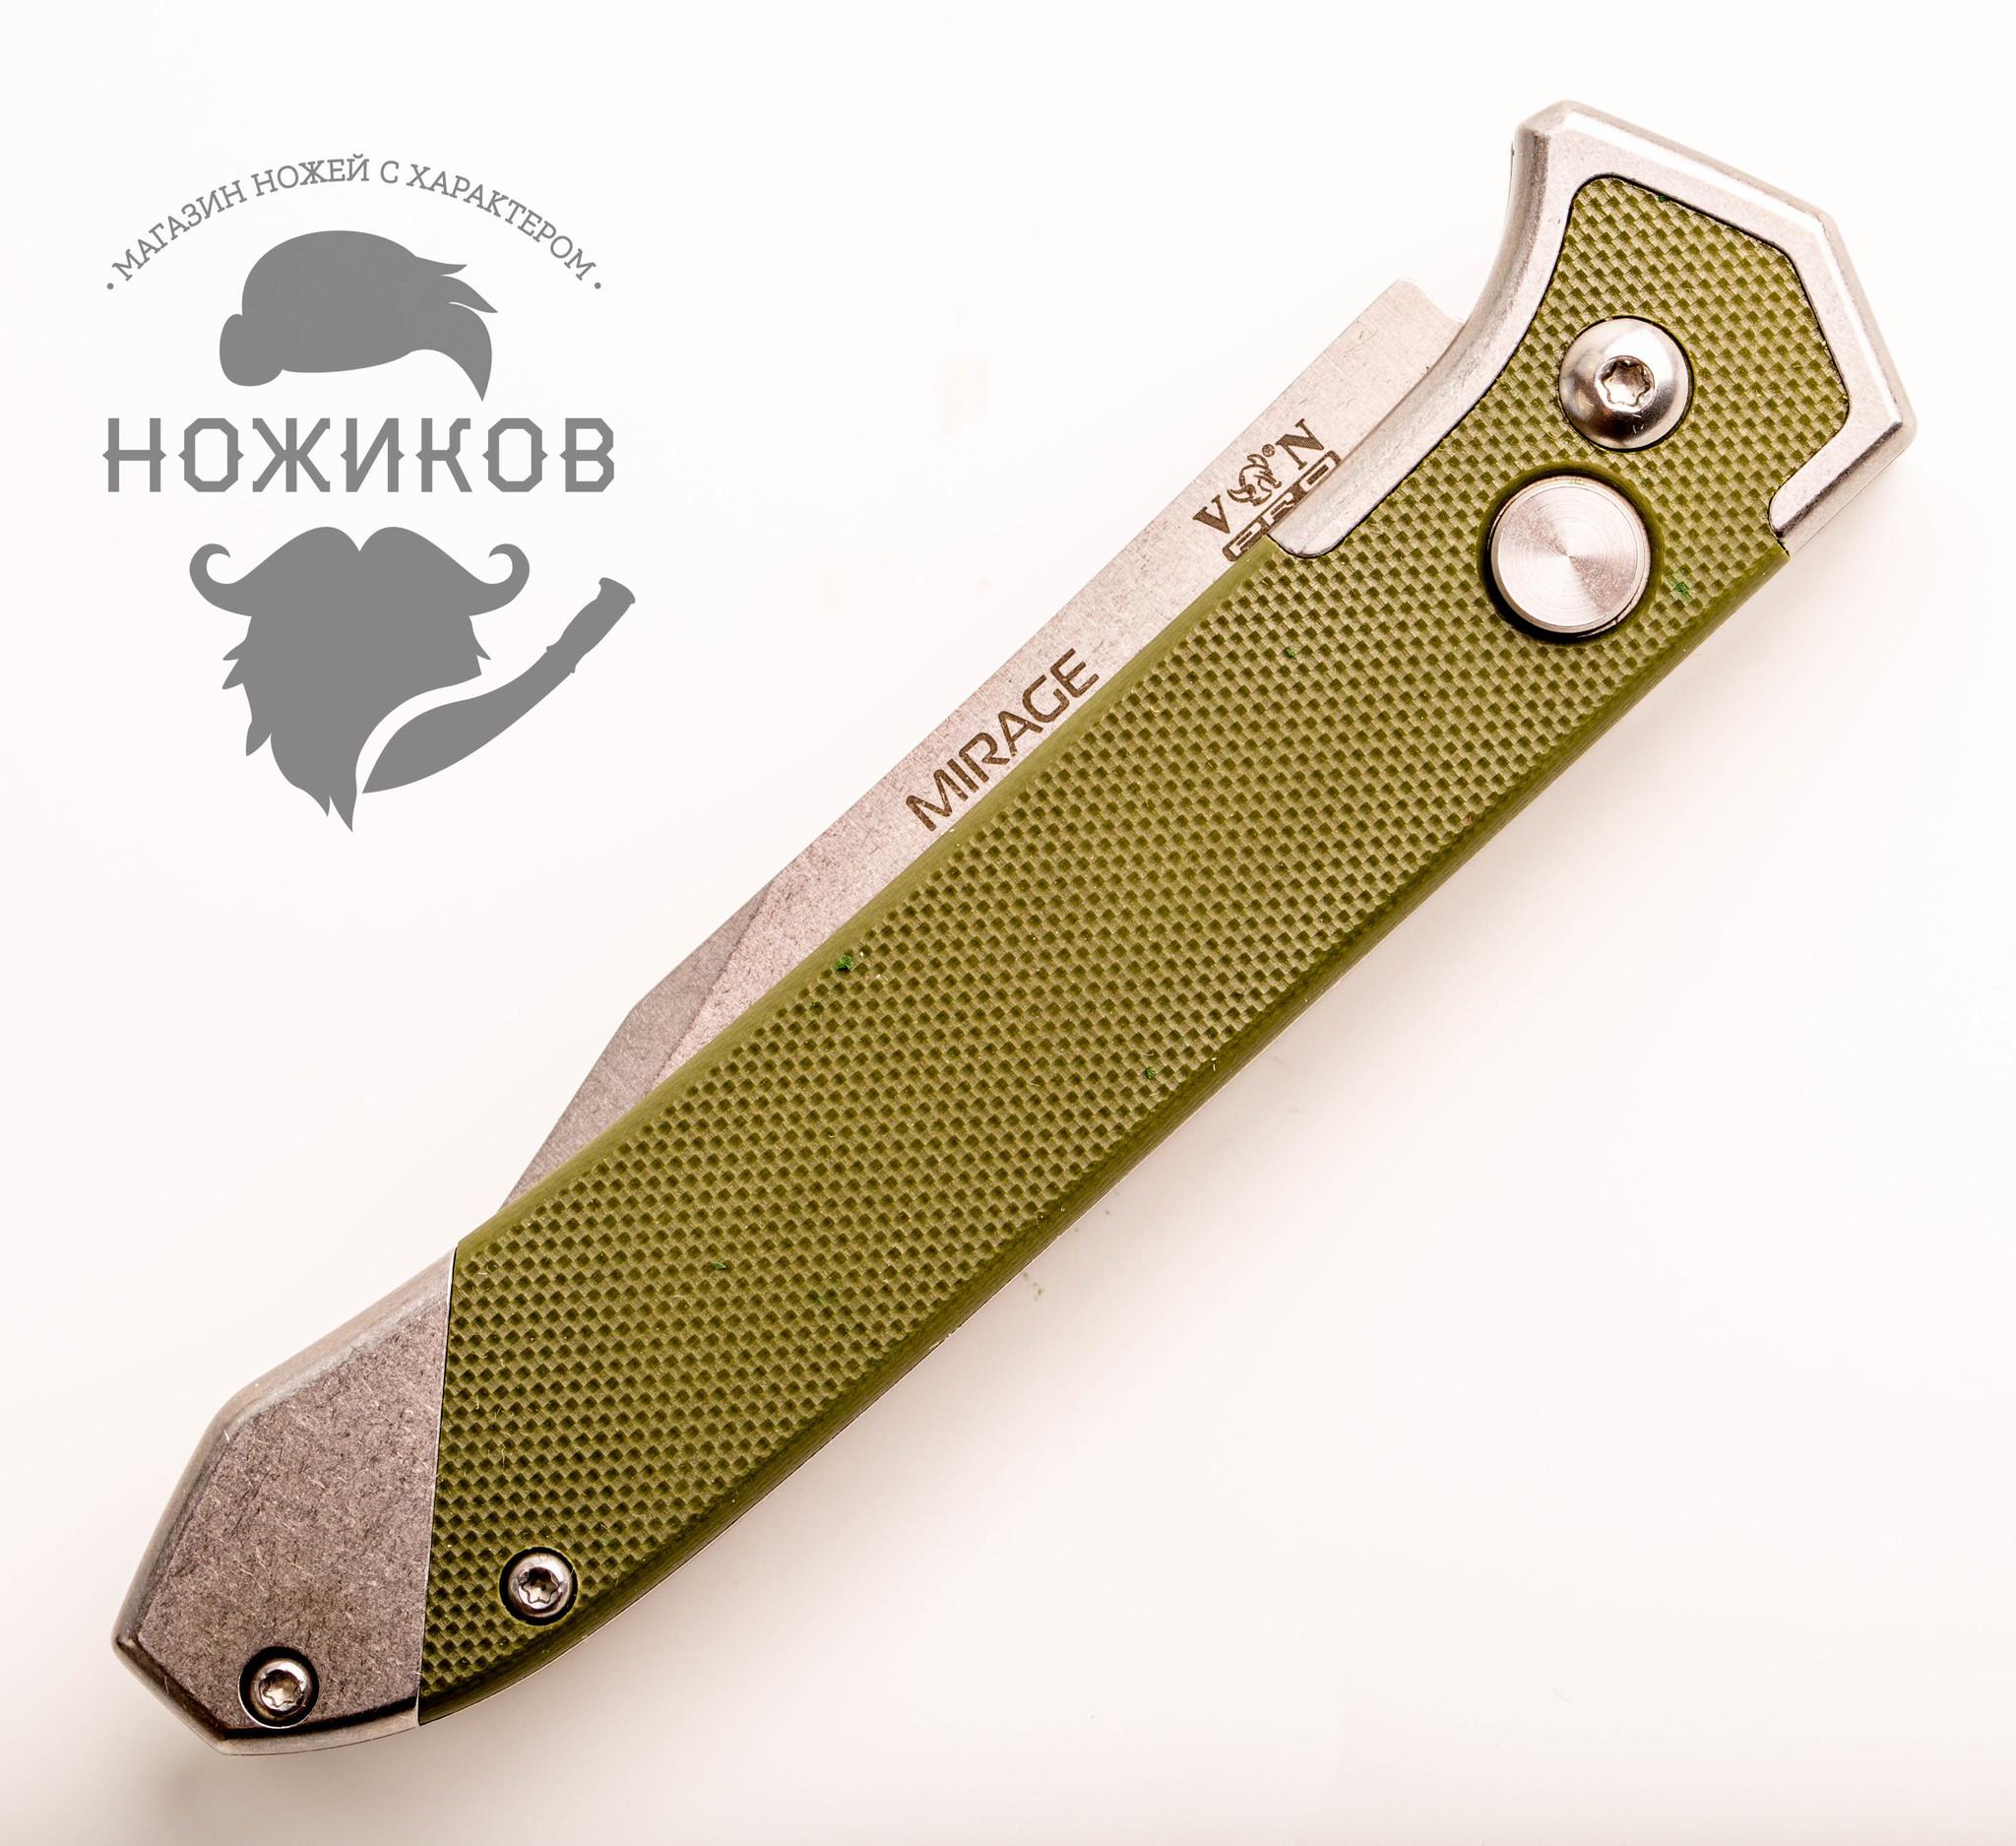 Фото 12 - Складной автоматический нож Mirage от Viking Nordway